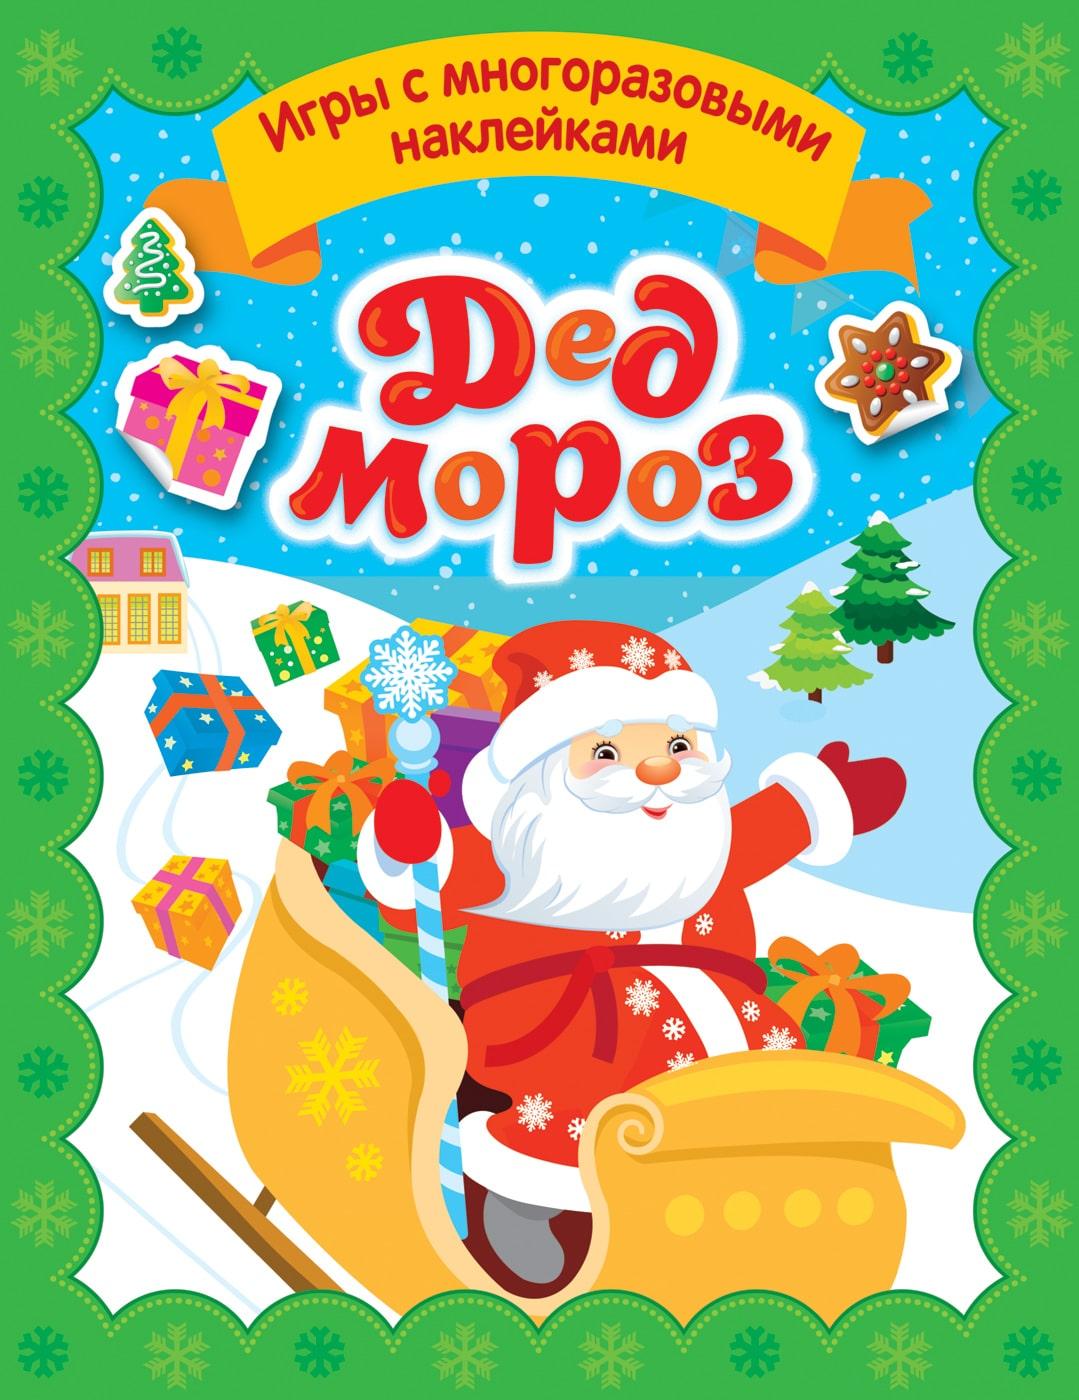 Купить Настольная игра – Дед Мороз. С многоразовыми наклейками, Росмэн